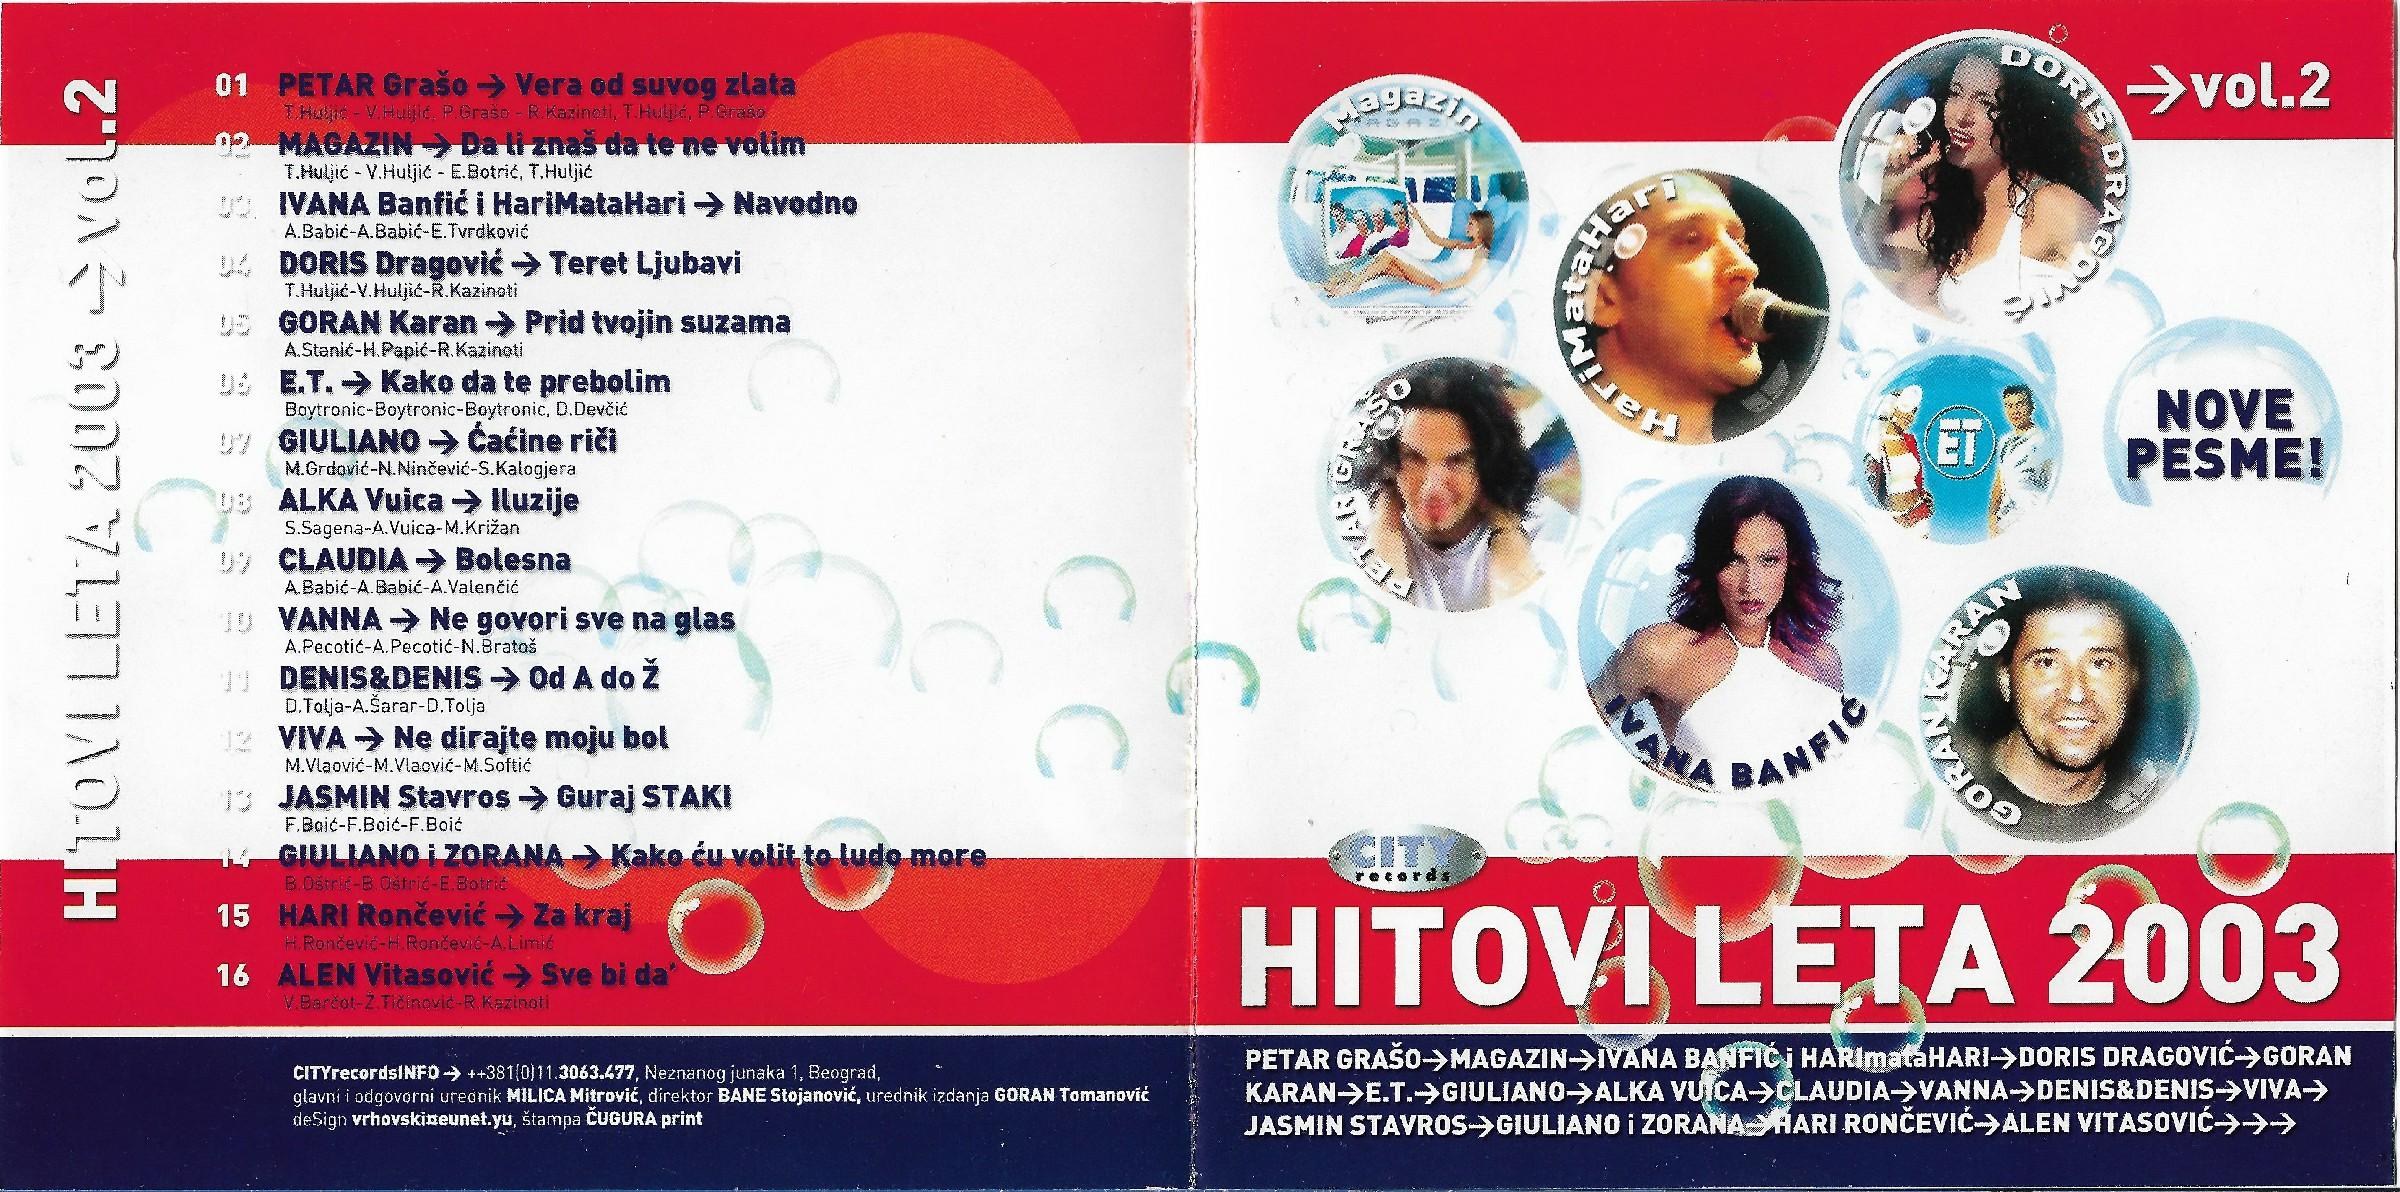 HL 2003 Vol 2 1